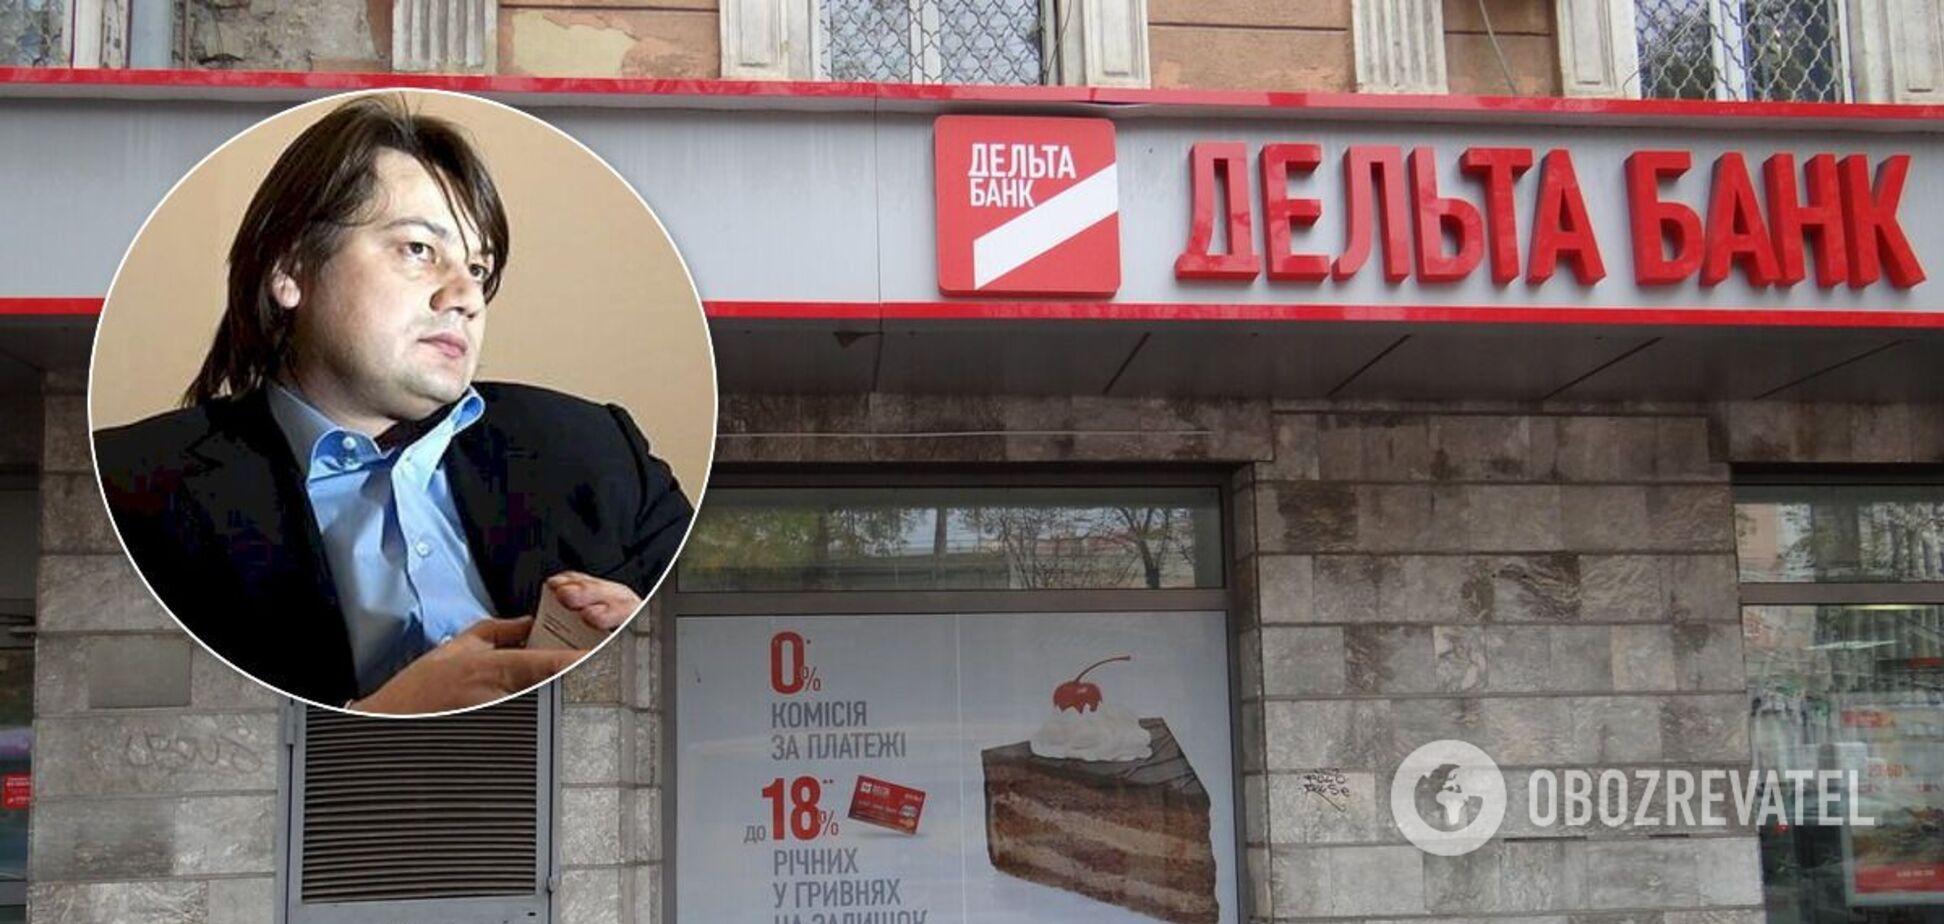 Колишнього власника Дельта Банку запідозрили у несплаті податків на 33 млн грн